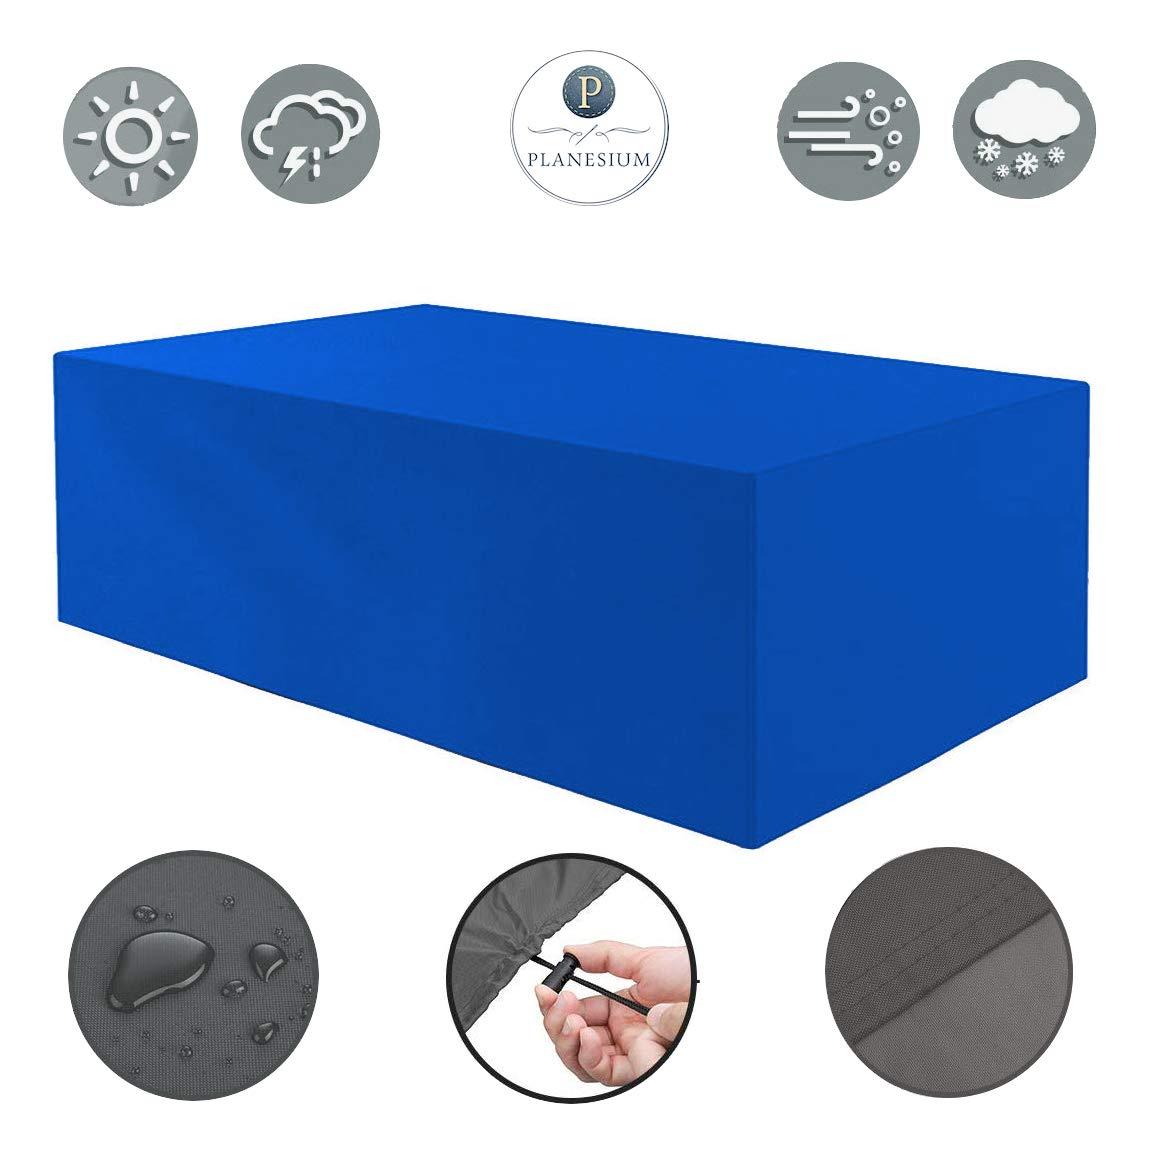 Planesium Premium Schutzhülle Gartenmöbel Abdeckung/Gartentisch Hülle Haube Abdeckplane wasserdicht atmungsaktiv reißfest Garnitur Lounge 575g/lfm B 155cm x T 95cm x H 71cm Blau